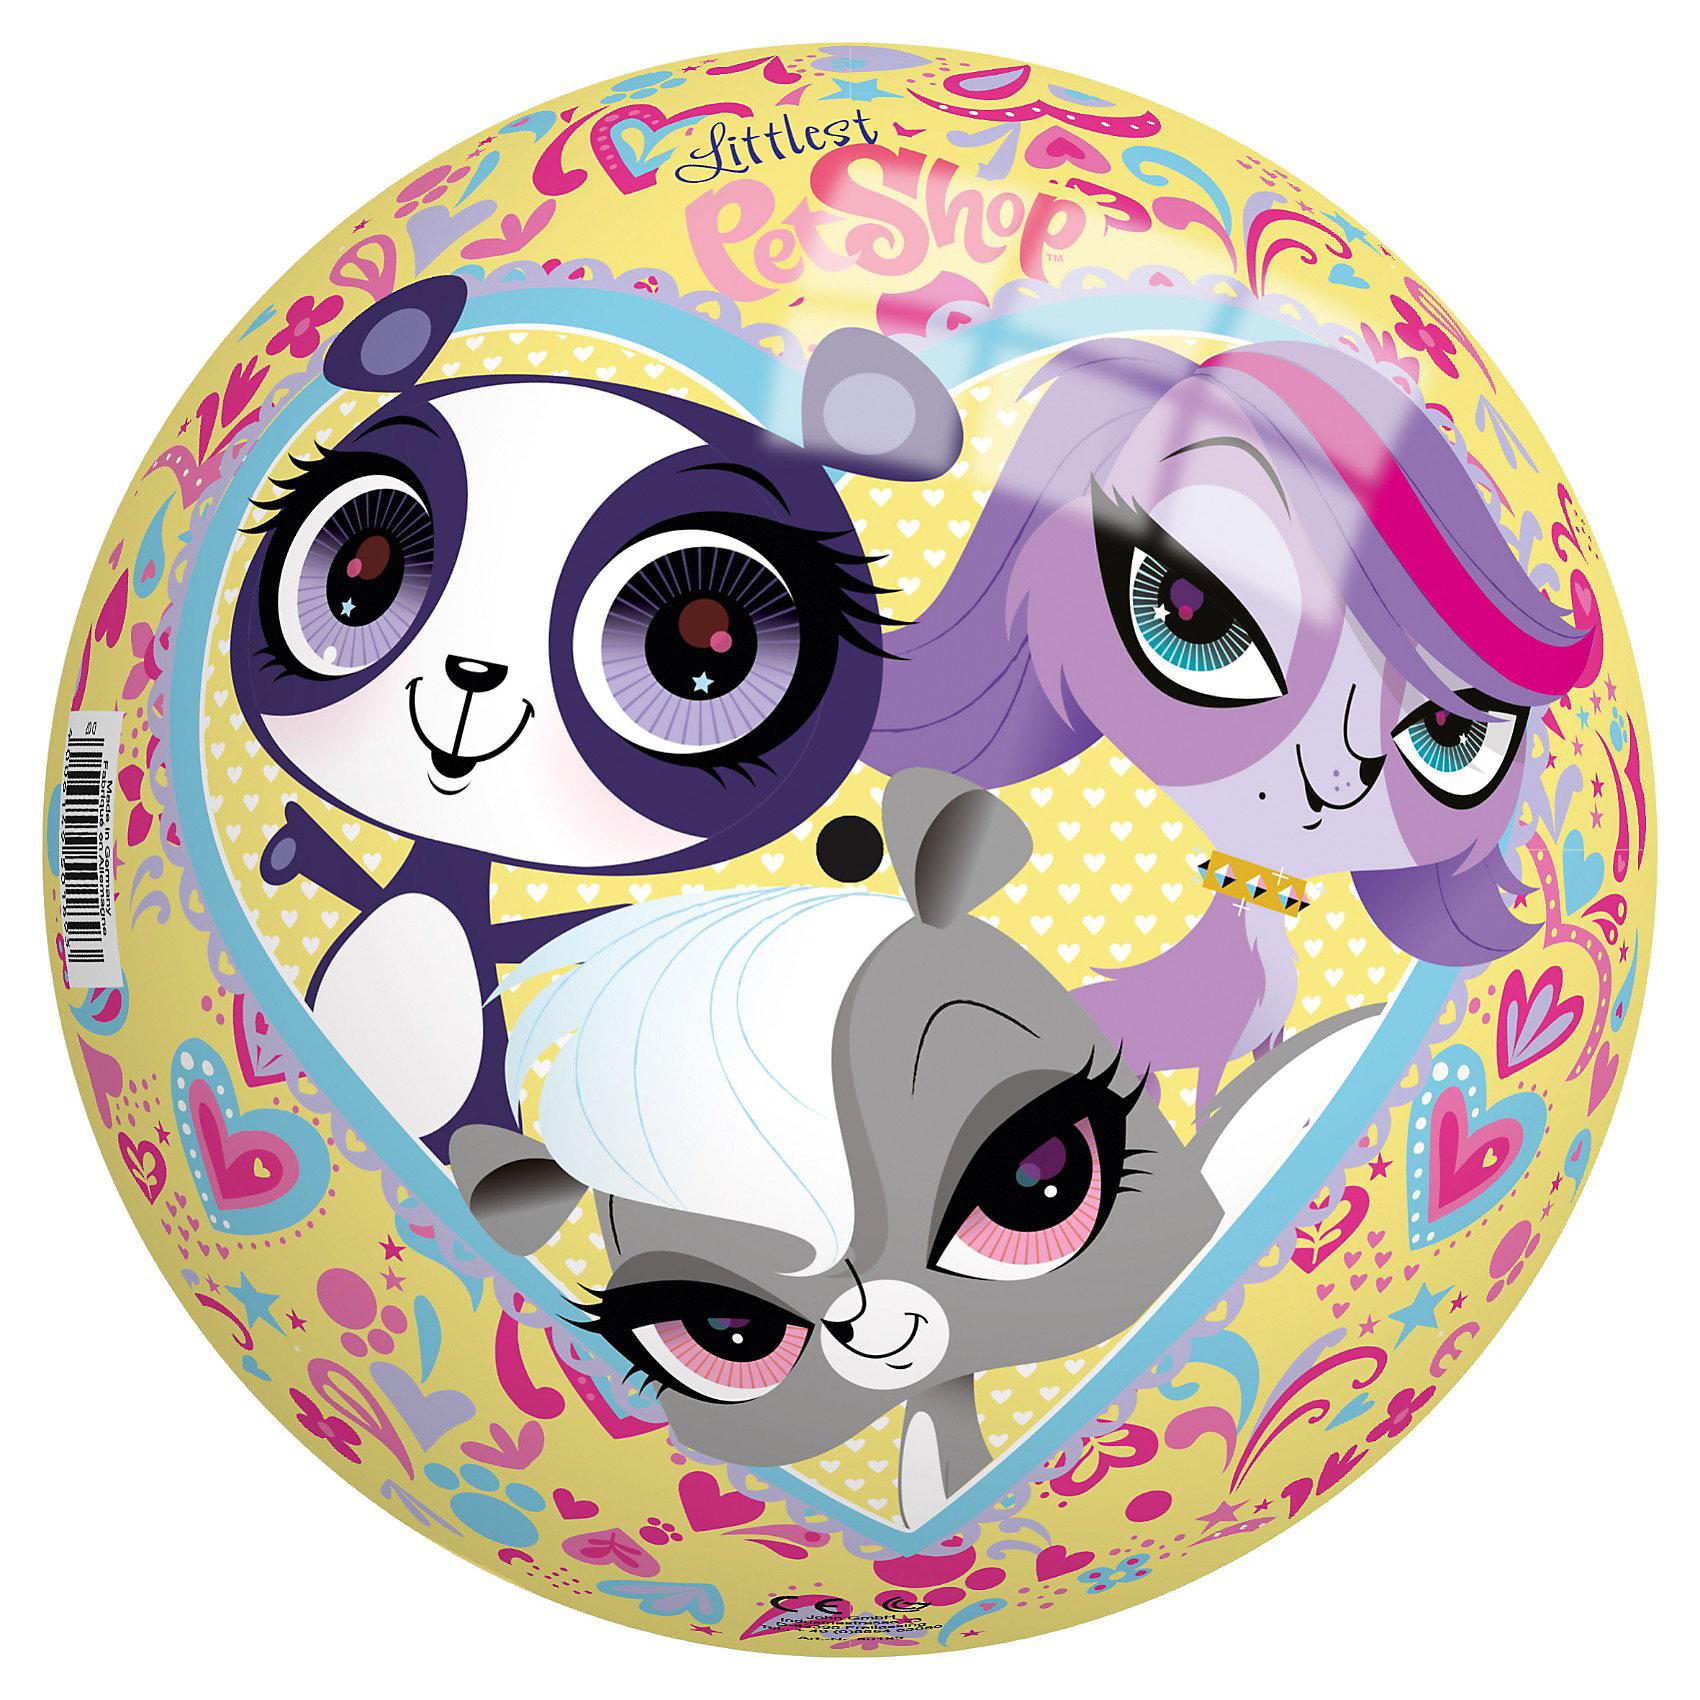 Мяч Маленький зоомагазин, 230 мм, JohnМячи детские<br>Мяч Маленький зоомагазин, John - яркий красочный мячик, который замечательно подойдет для веселых подвижных игр как в помещении, так и на улице. Особенность этого мячика - красочные изображения симпатичных зверюшек из популярного мультсериала Маленький зоомагазин (My Littles Pet Shops). Игры с мячом развивают ловкость и координацию движений, способствуют физическому развитию ребенка. <br><br>Дополнительная информация:<br><br>- Материал: ПВХ.<br>- Диаметр: 230 мм.<br>- Размер: 23 х 23 х 23 см.<br>- Вес: 0,2 кг.<br><br>Мяч Маленький зоомагазин, 230 мм., John, можно купить в нашем интернет-магазине.<br><br>Ширина мм: 209<br>Глубина мм: 210<br>Высота мм: 210<br>Вес г: 109<br>Возраст от месяцев: 36<br>Возраст до месяцев: 96<br>Пол: Женский<br>Возраст: Детский<br>SKU: 3334160